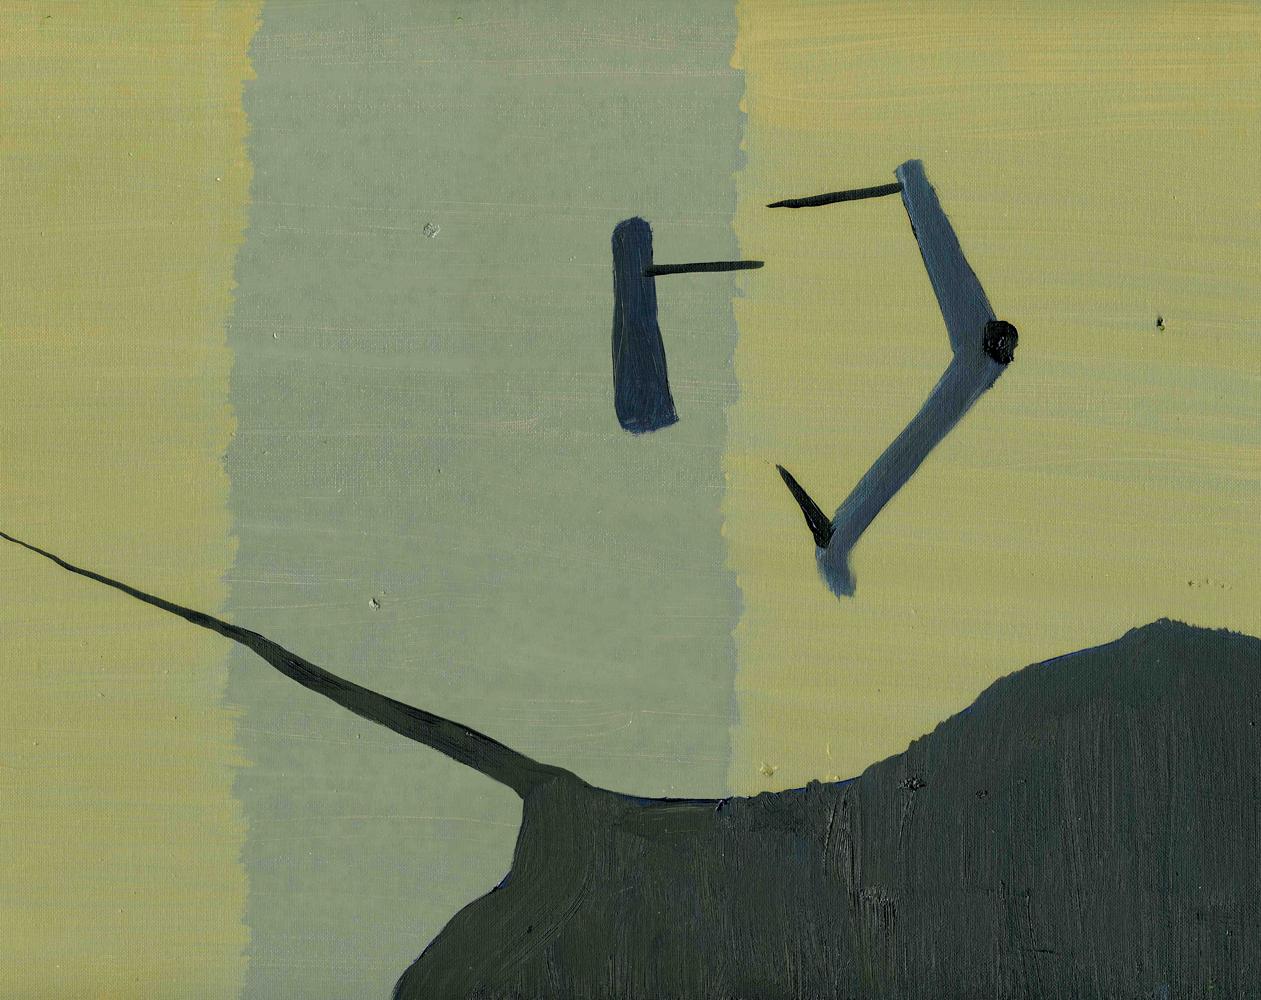 Spine, 2009, Oil on cotton, 35 x 45 cm